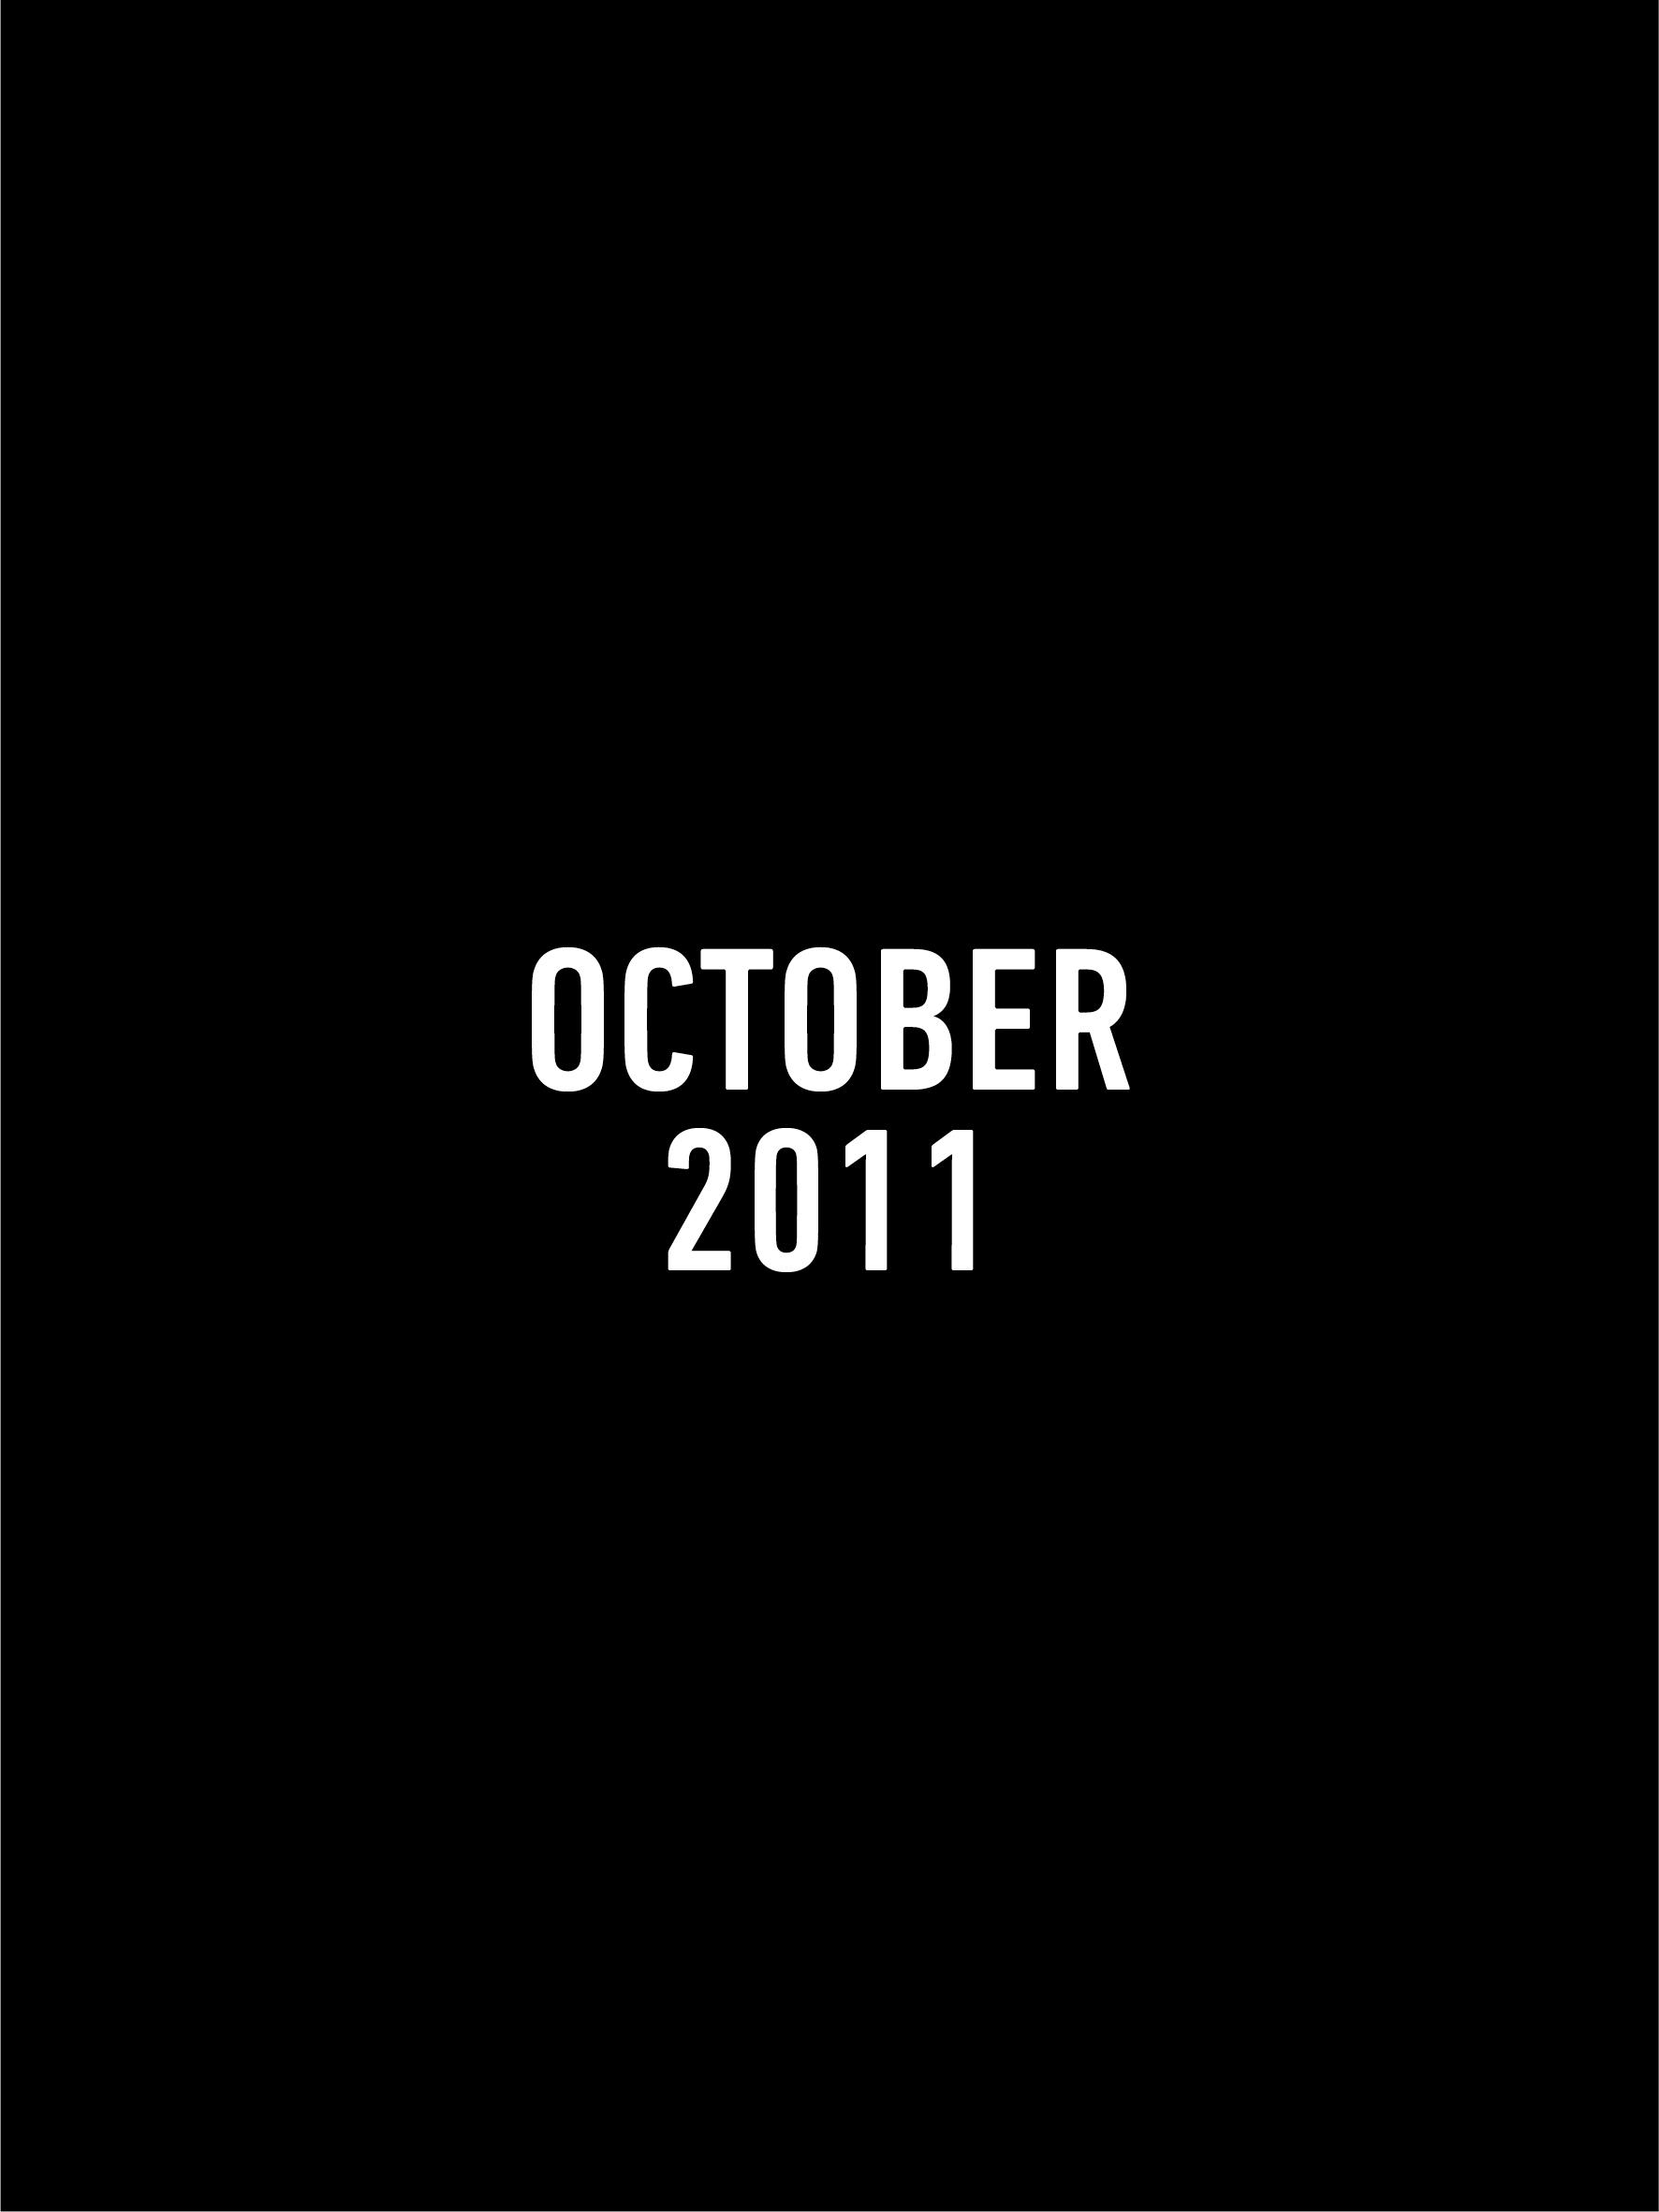 2011 months10.jpg